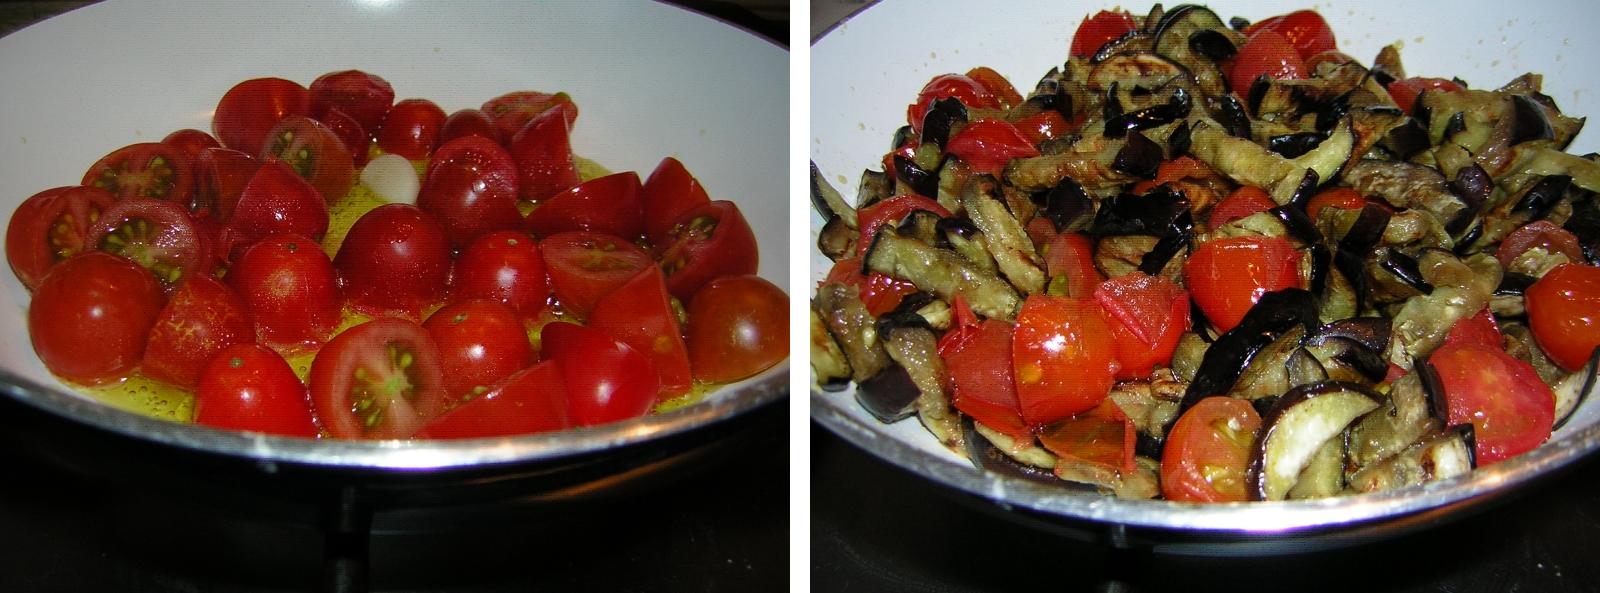 preparazione della pasta con melanzane grigliate